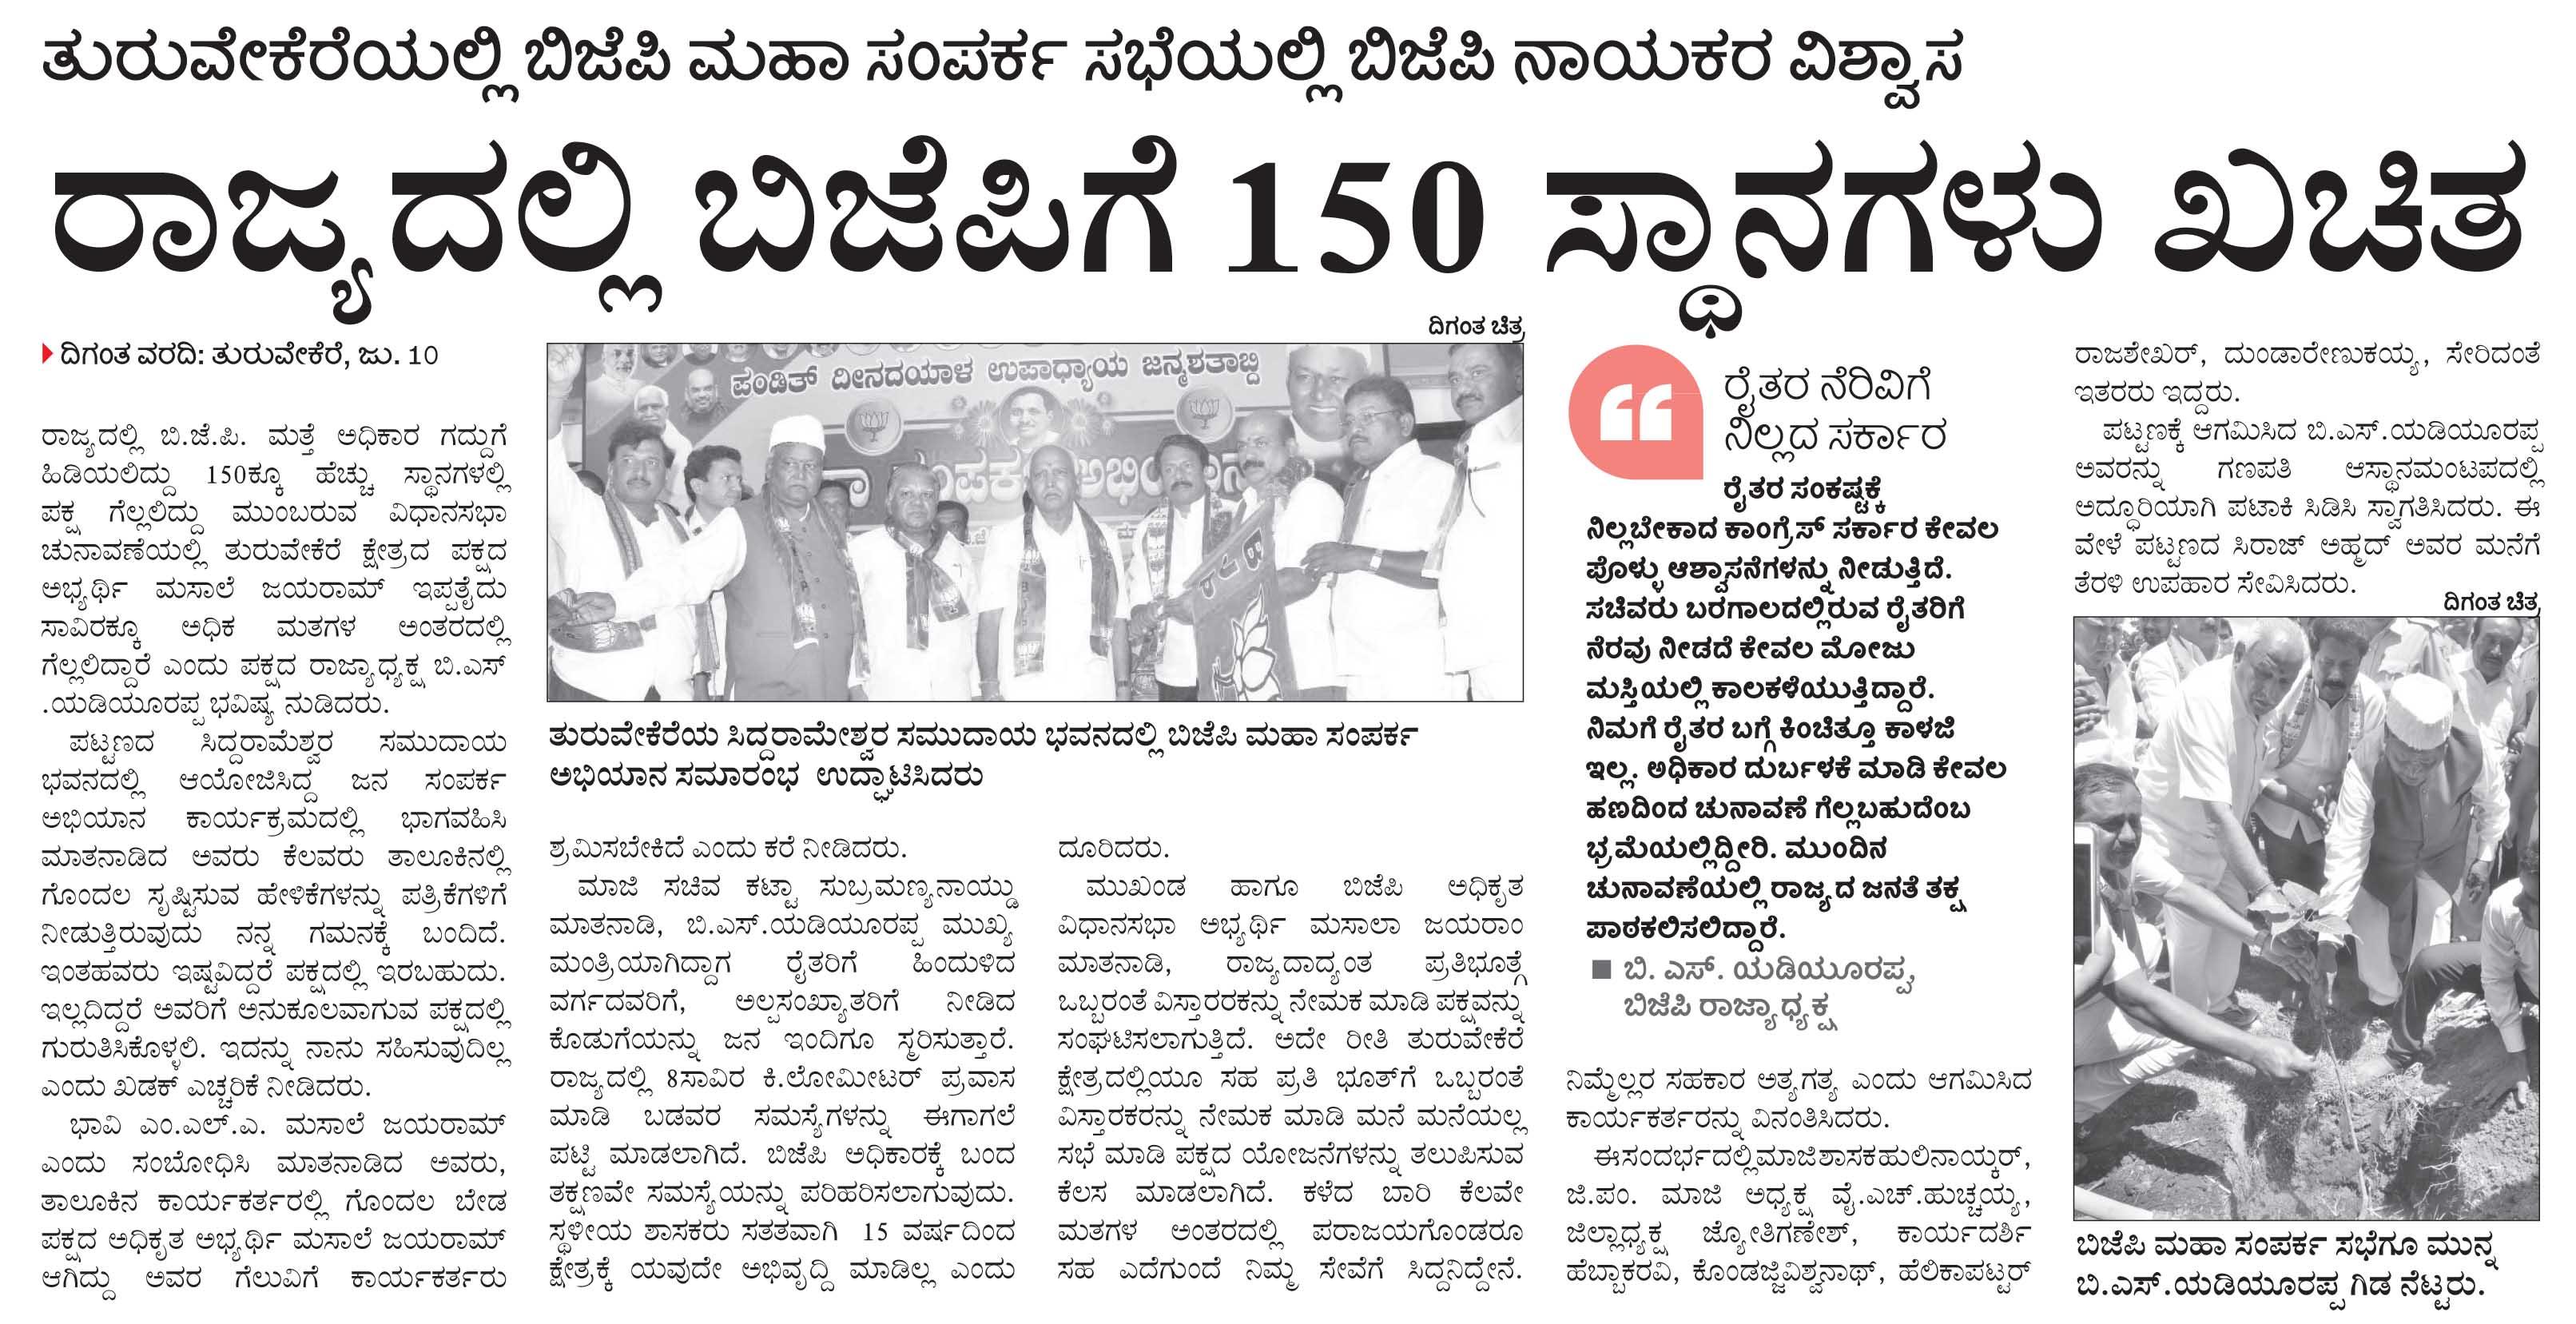 ರಾಜ್ಯದಲ್ಲಿ ಬಿಜೆಪಿಗೆ 150 ಸ್ಥಾನಗಳು ಖಚಿತ